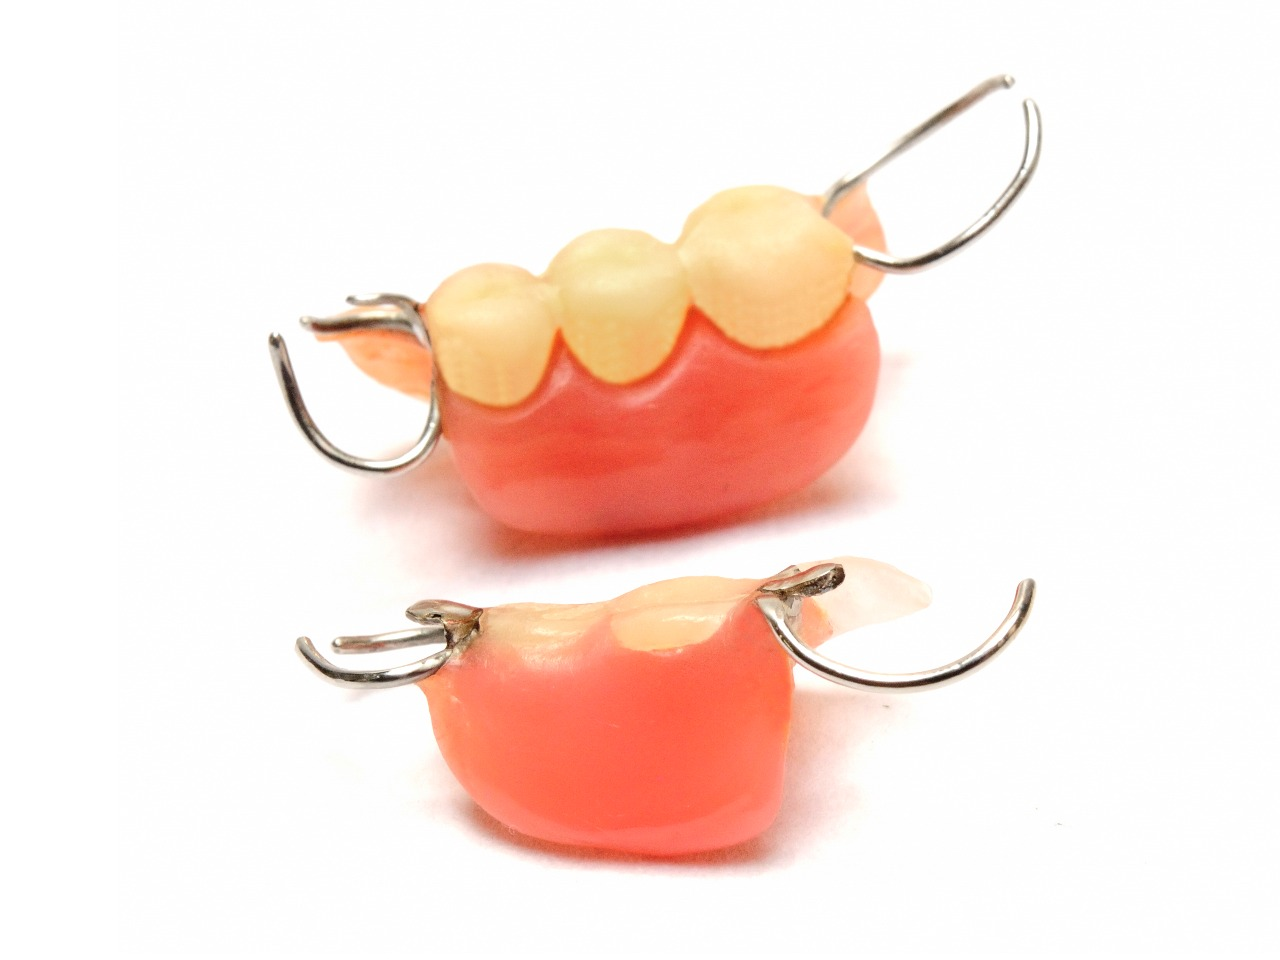 部分義歯(部分入れ歯)